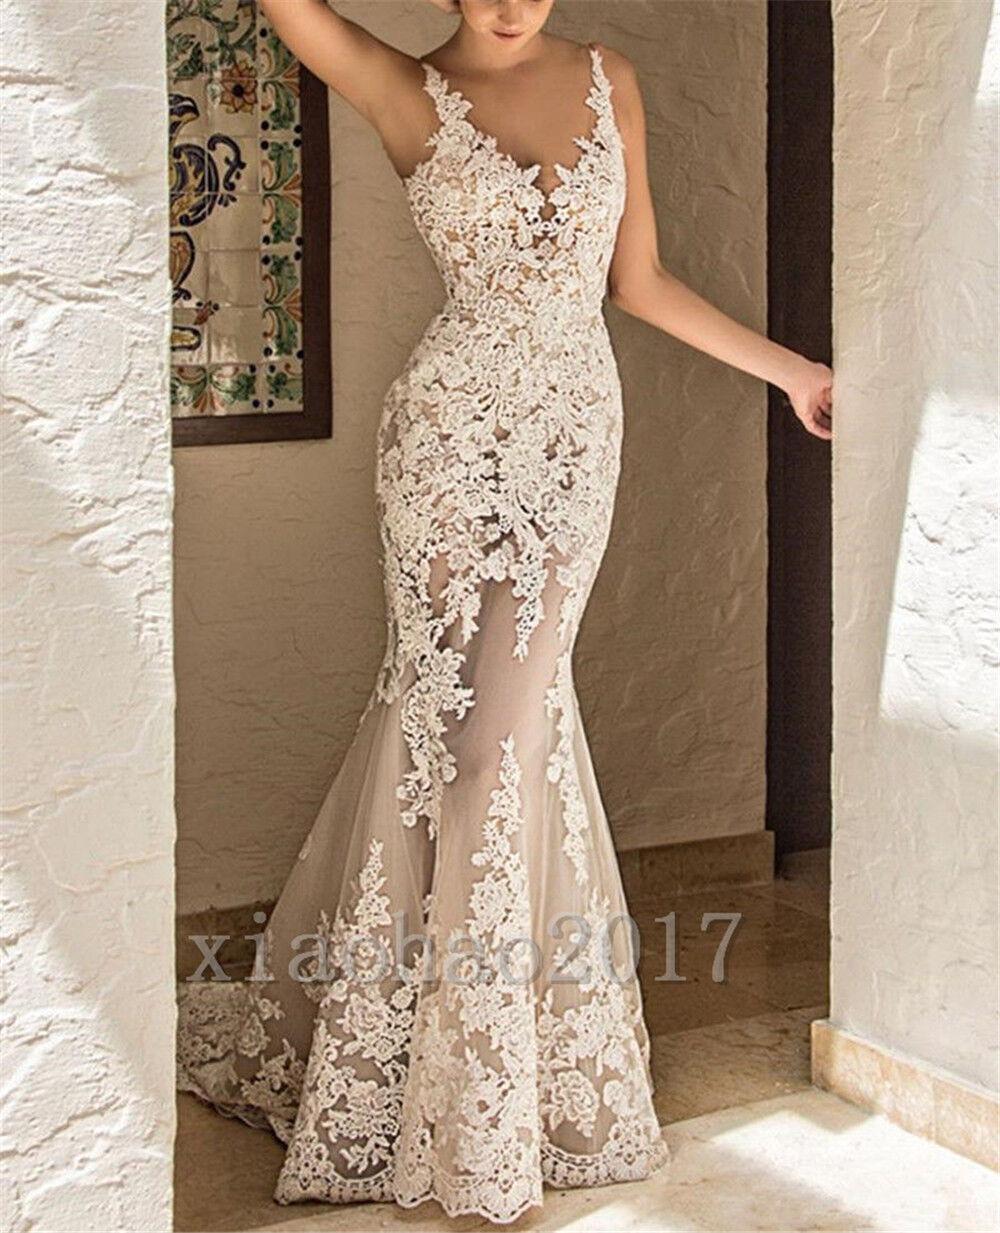 Meerjungfrau Hochzeitskleid Spitze Sexy V-ausschnitt Benutzerdefinierte Größe    | Elegantes und robustes Menü  | Economy  | Hervorragende Eigenschaften  7b37fd